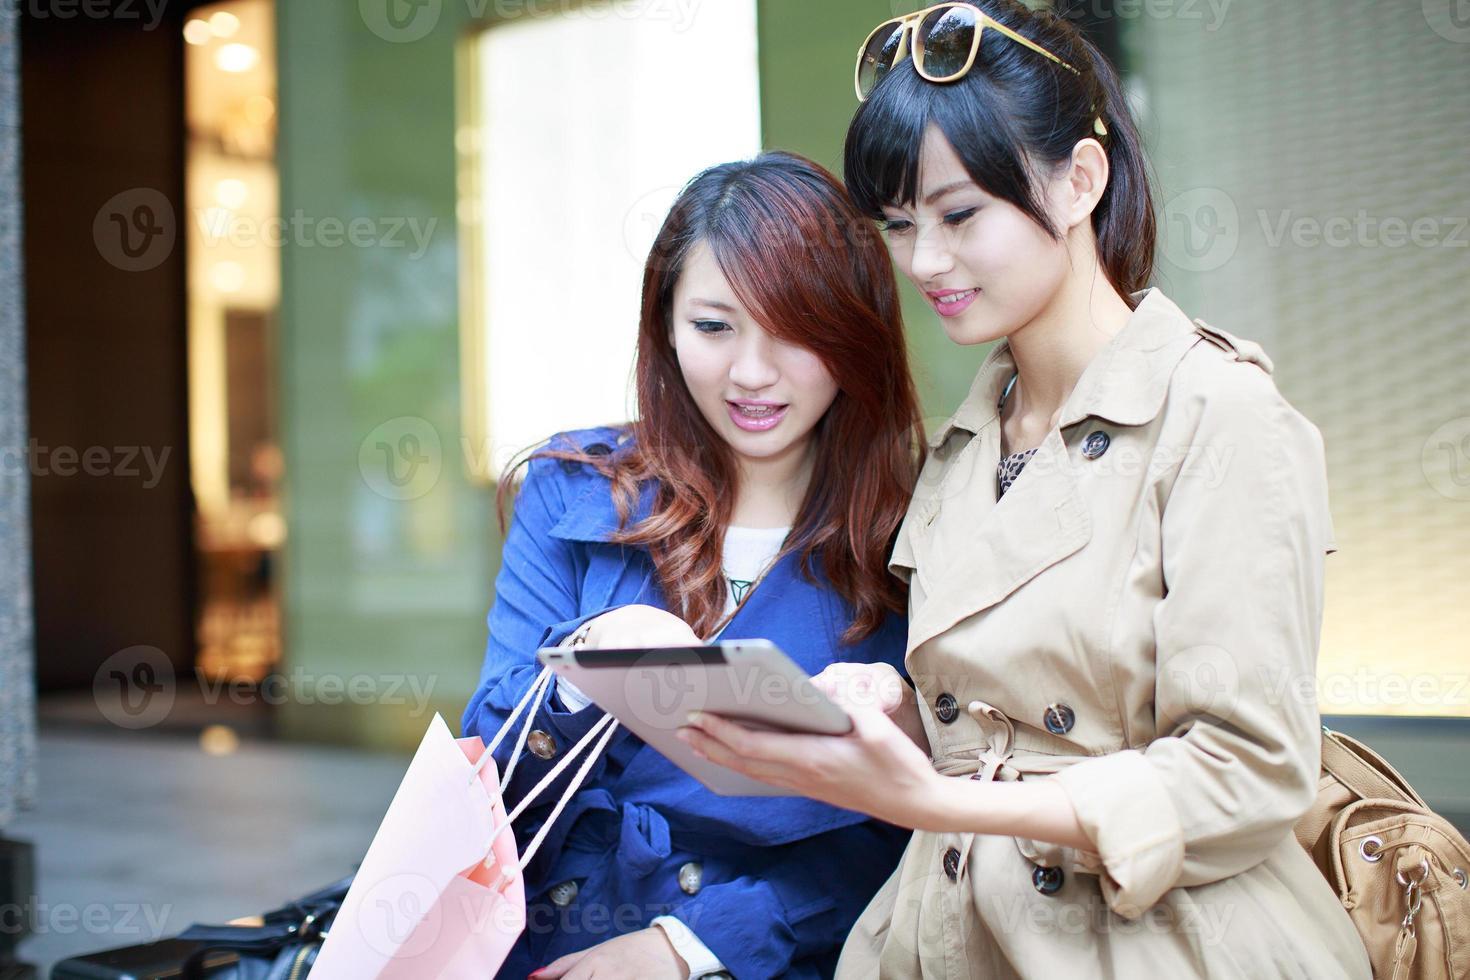 twee jonge vrouwen die samen winkelen foto